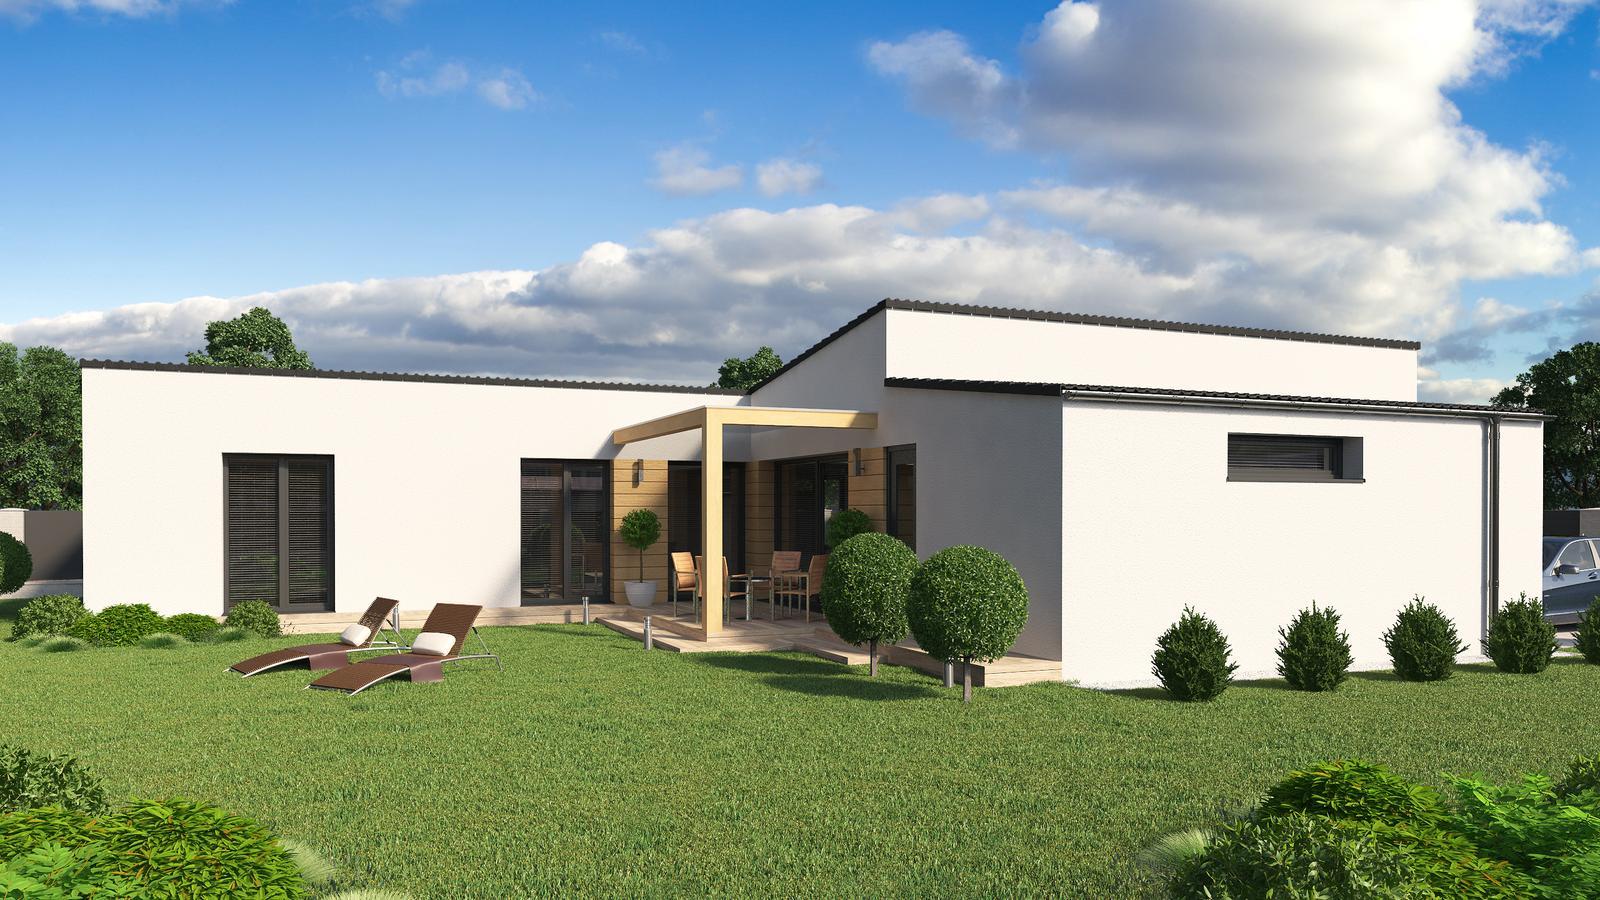 Ďalšie ukážky návrhov domčekov pre Vás - www.rodinny-dom.eu - Obrázok č. 8